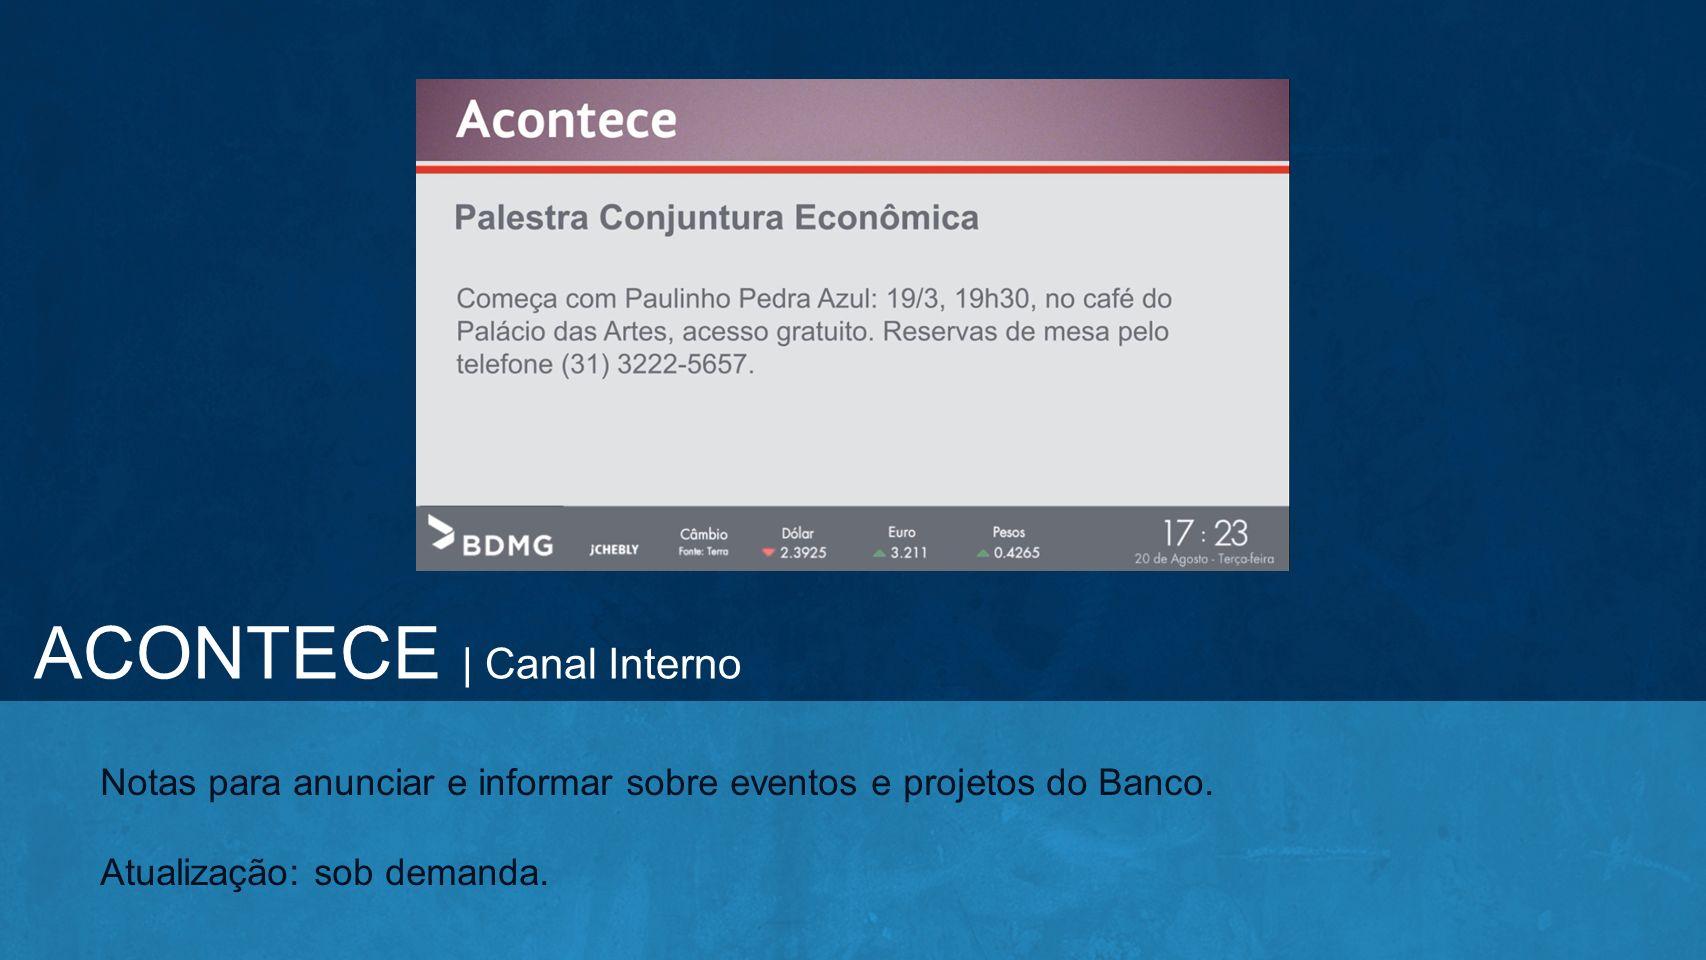 Notas para anunciar e informar sobre eventos e projetos do Banco. Atualização: sob demanda. ACONTECE | Canal Interno